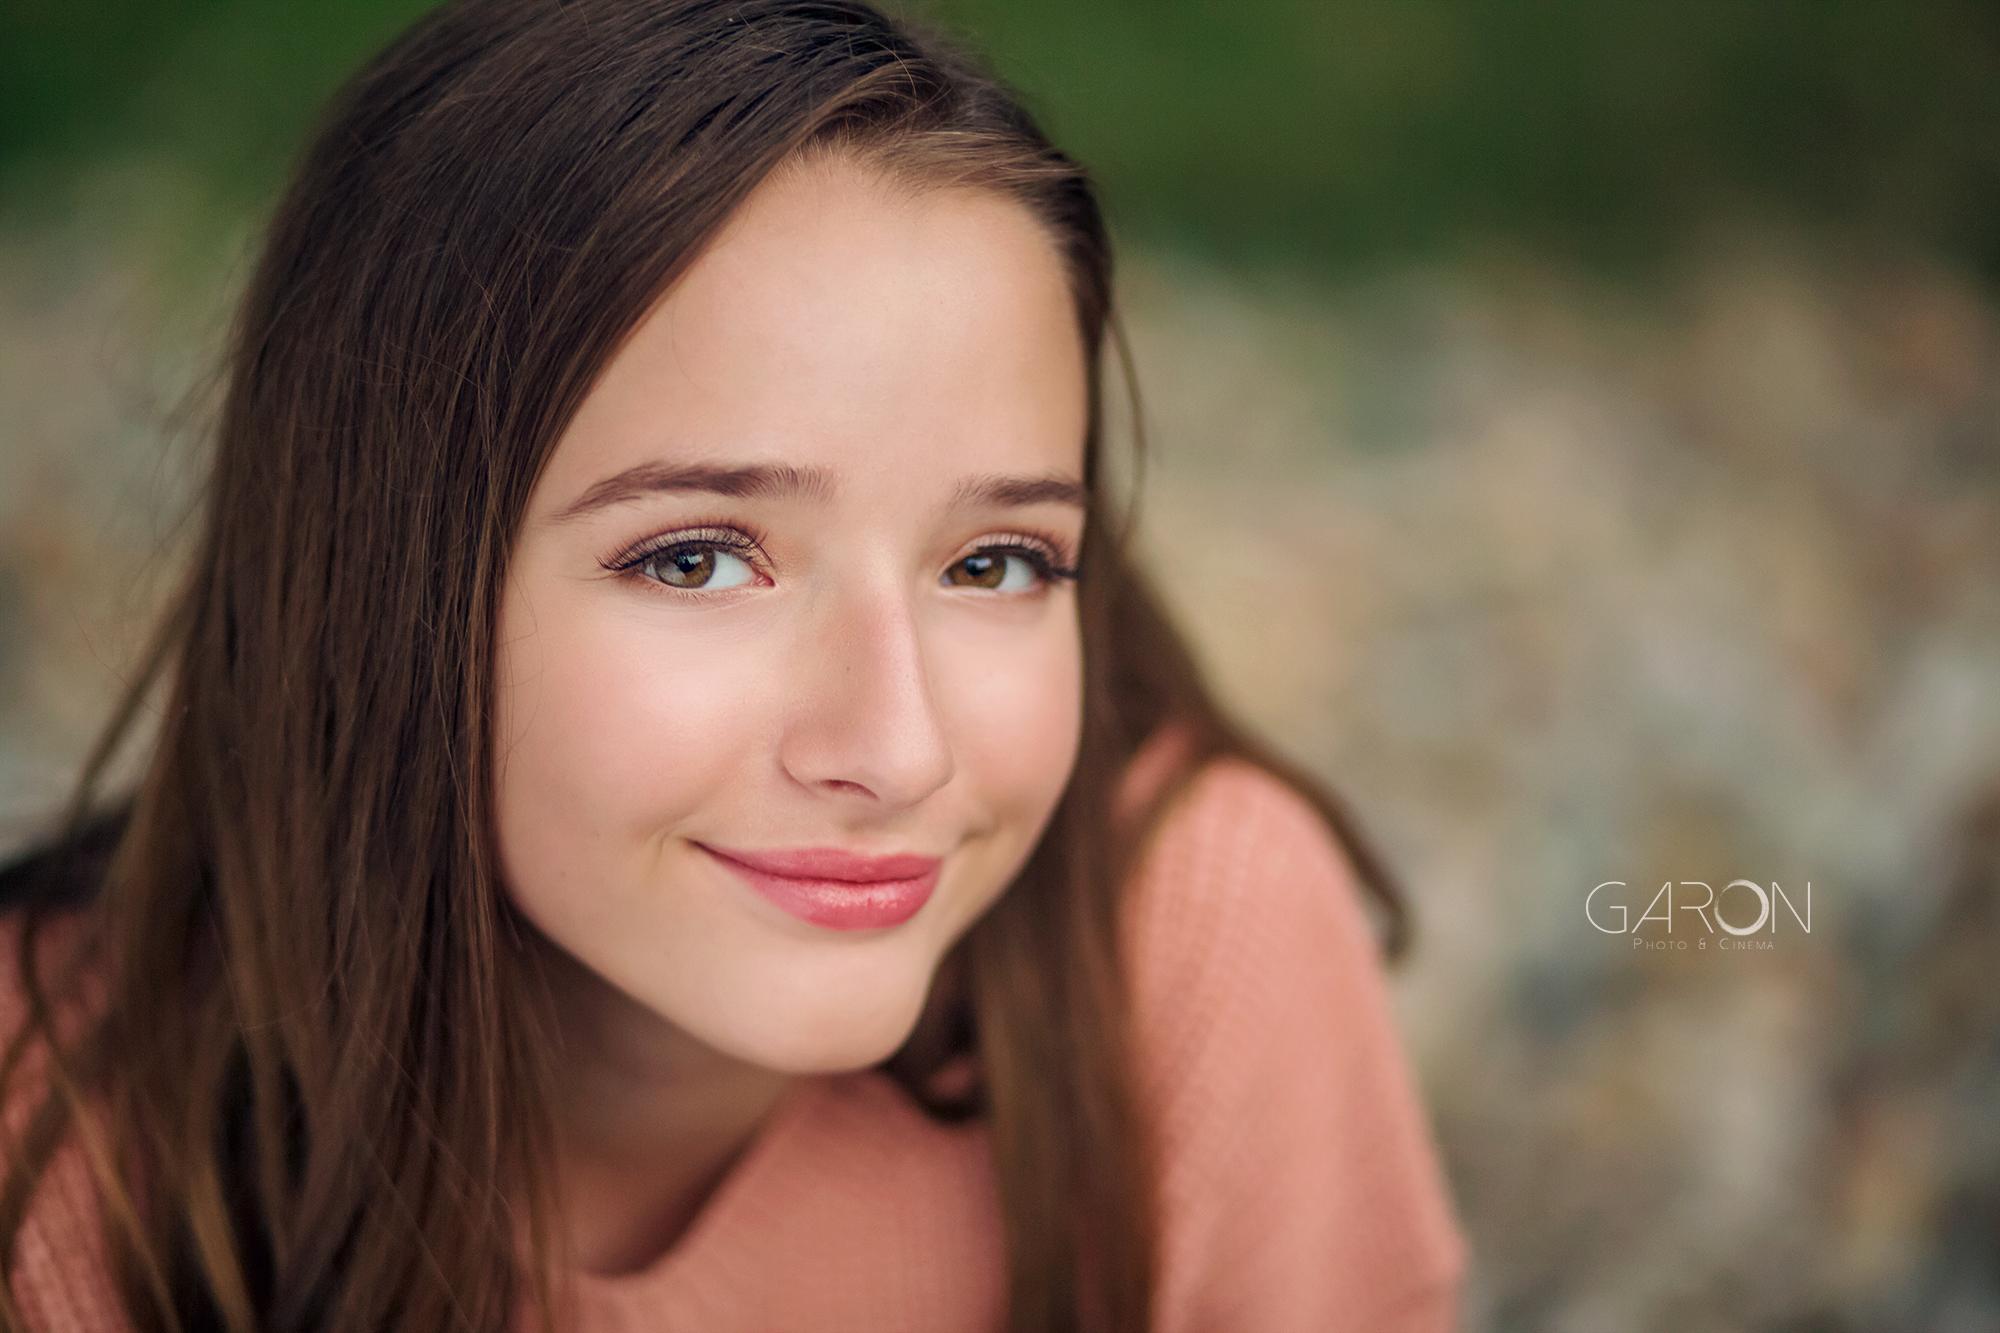 Lauren-92.jpg